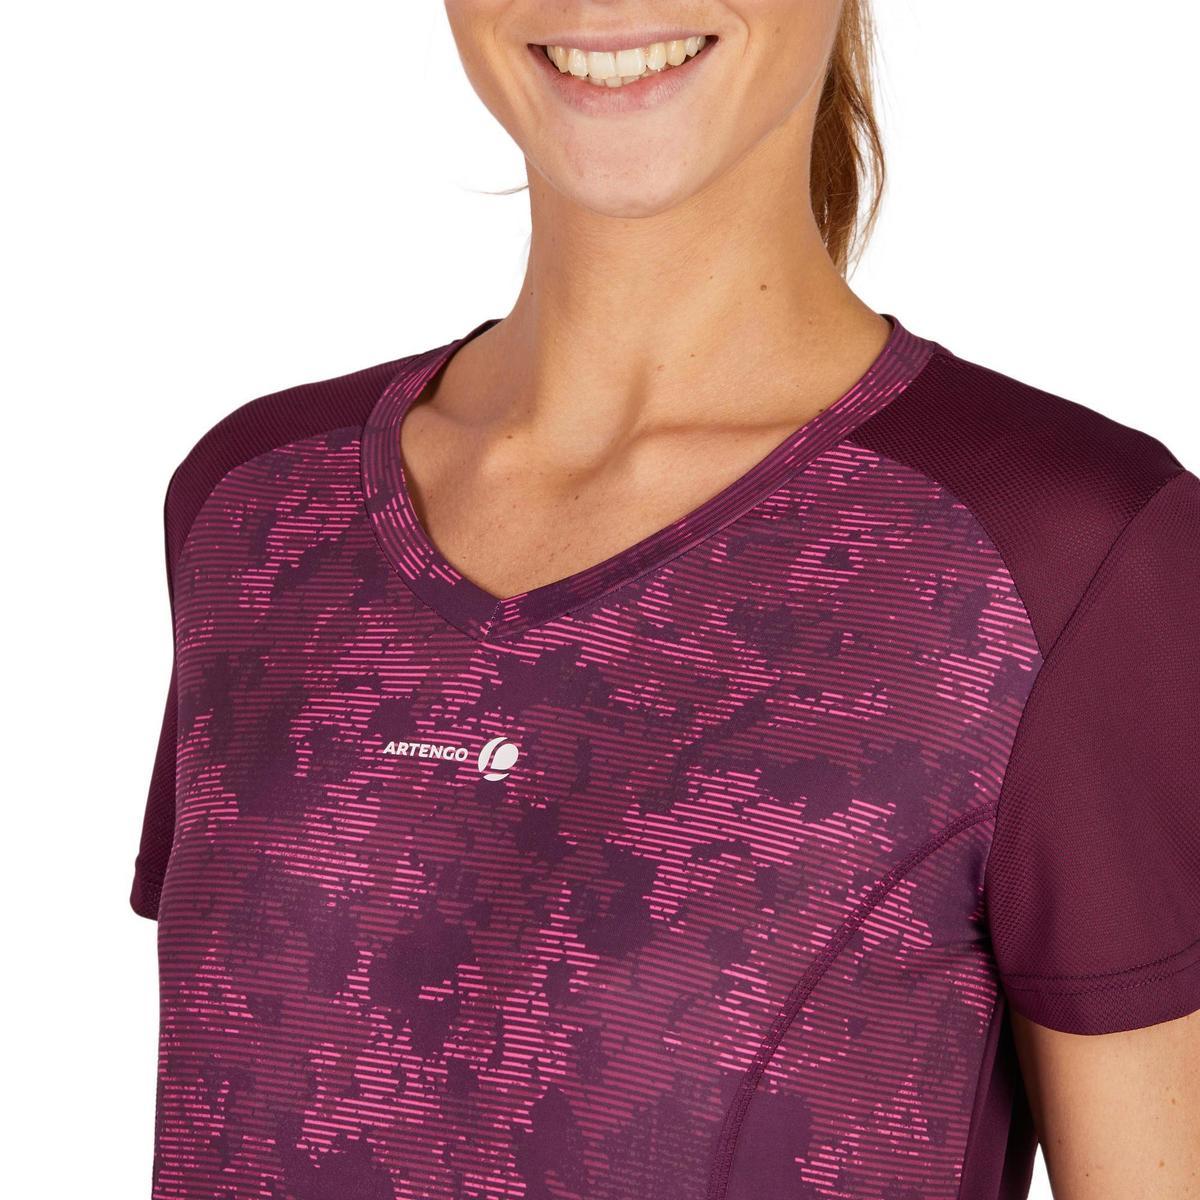 Bild 5 von T-Shirt Soft 500 Tennisshirt Damen bordeaux